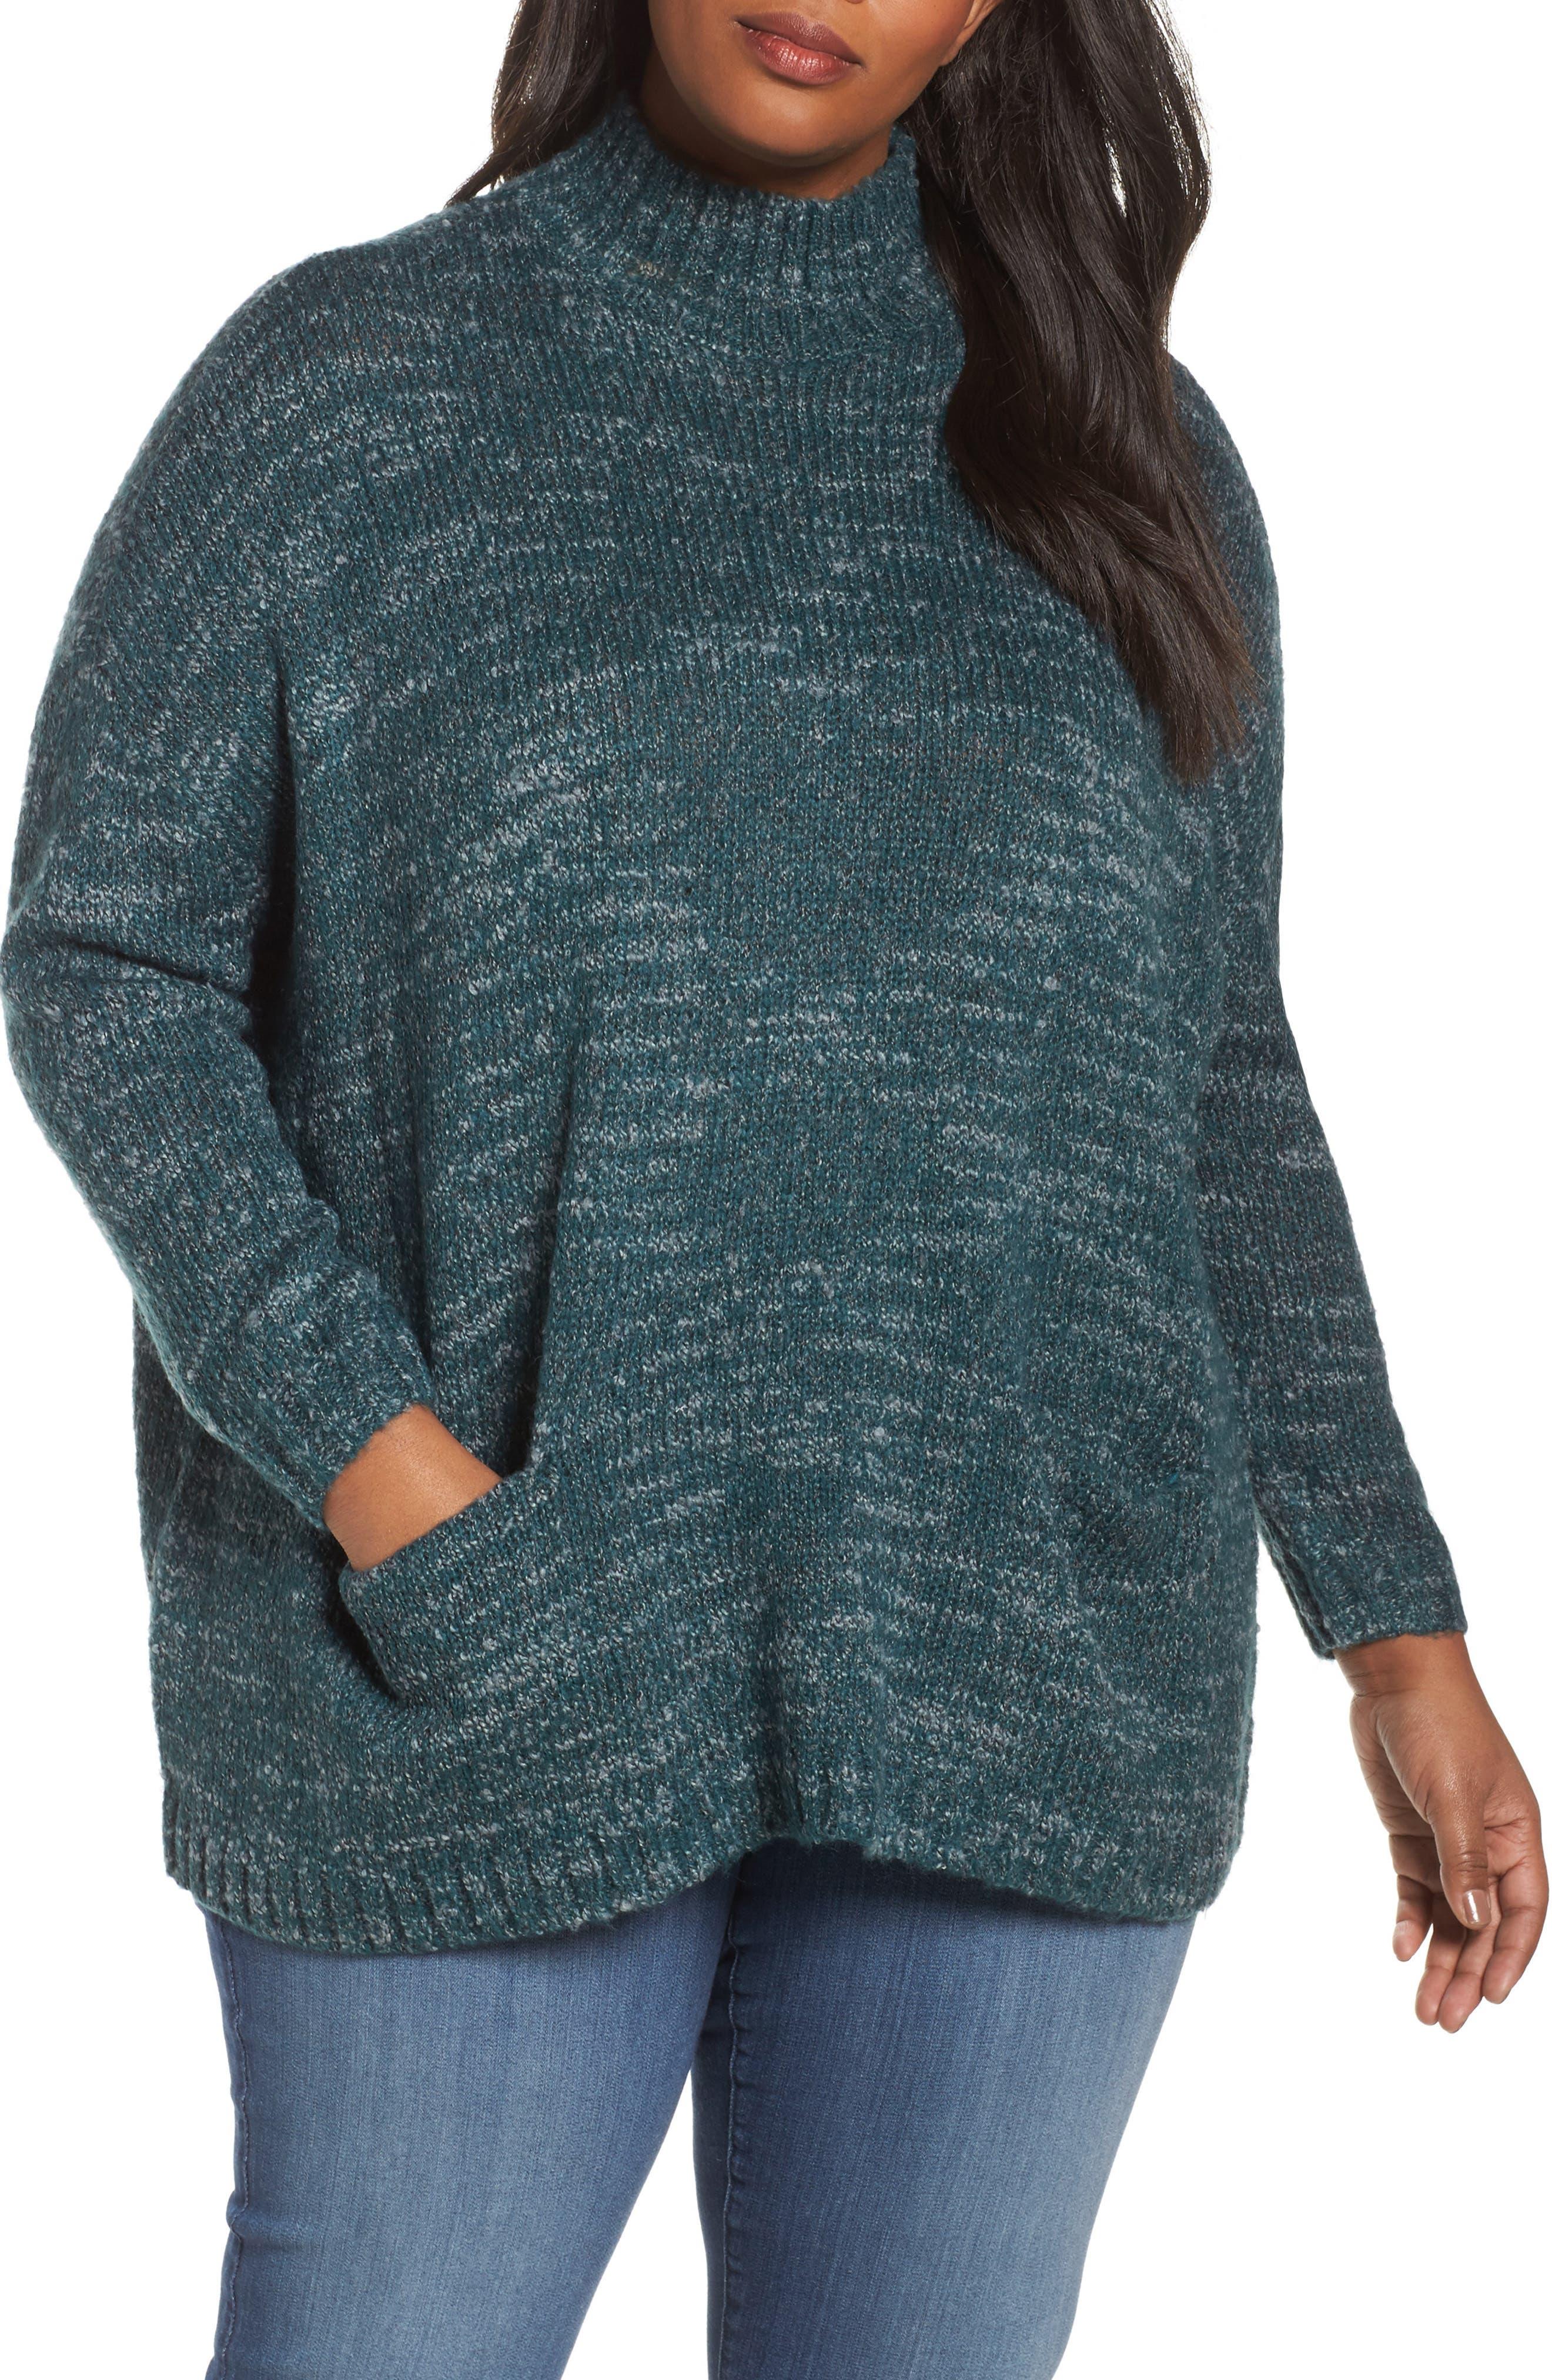 Main Image - Sejour Mock Neck Knit Sweater (Plus Size)